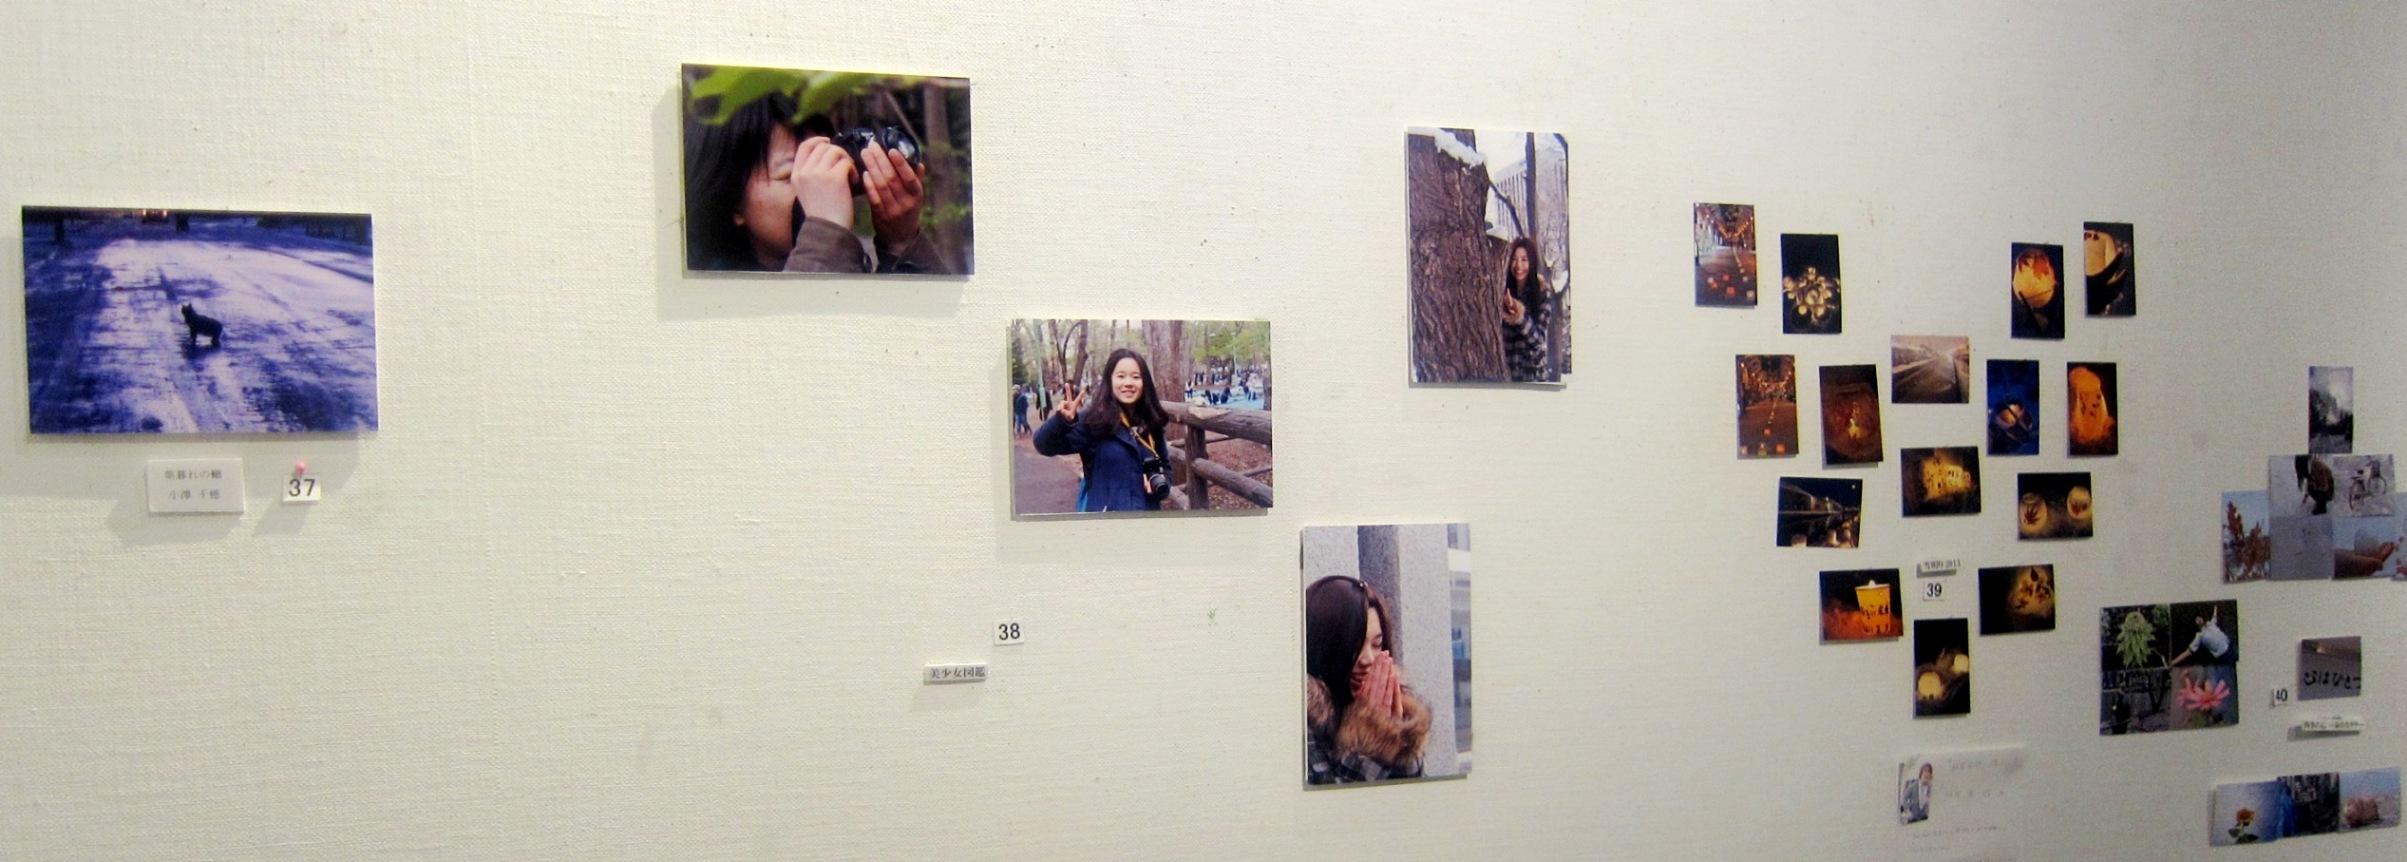 1944)②「札幌大学写真部 卒業写真展 & 学外写真展」 市民g. 終了2月20日(水)~2月24日(日) _f0126829_11111986.jpg